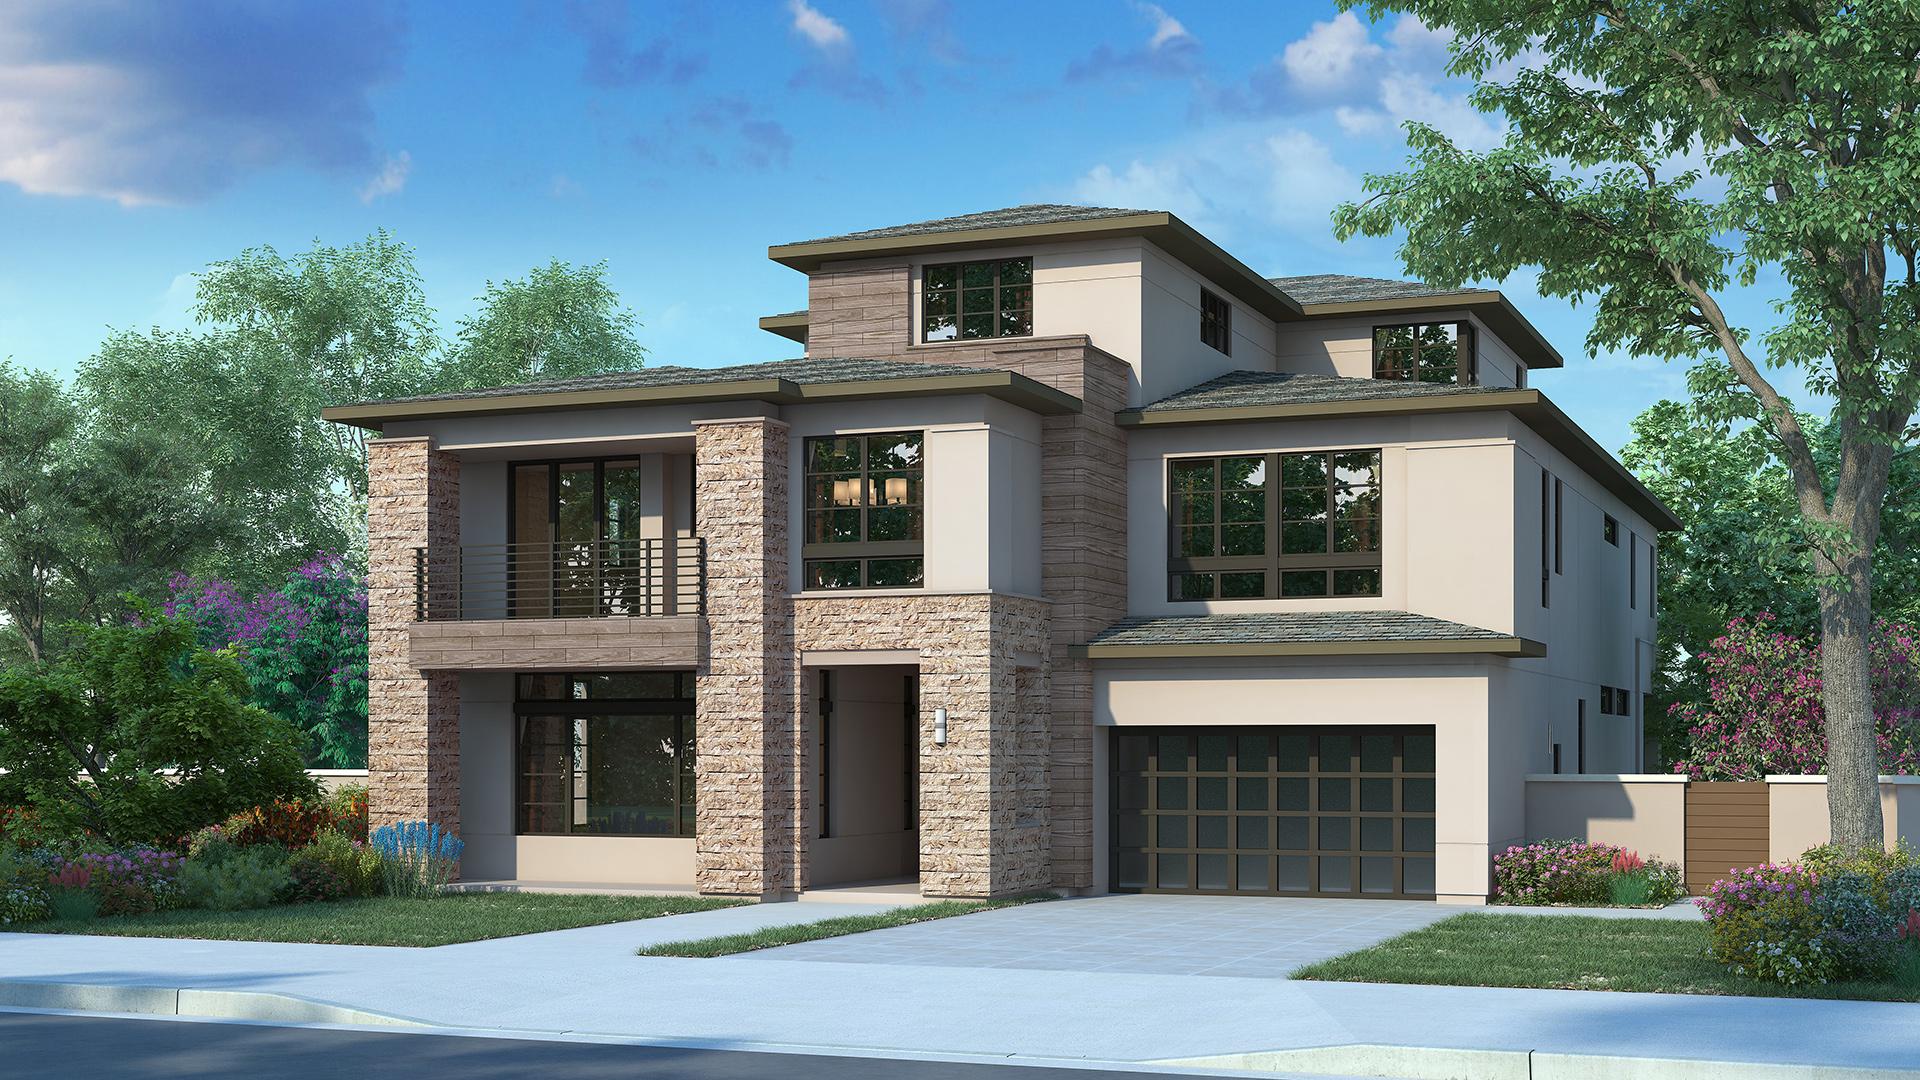 Alara at altair the soleil elite home design for Elite home designs